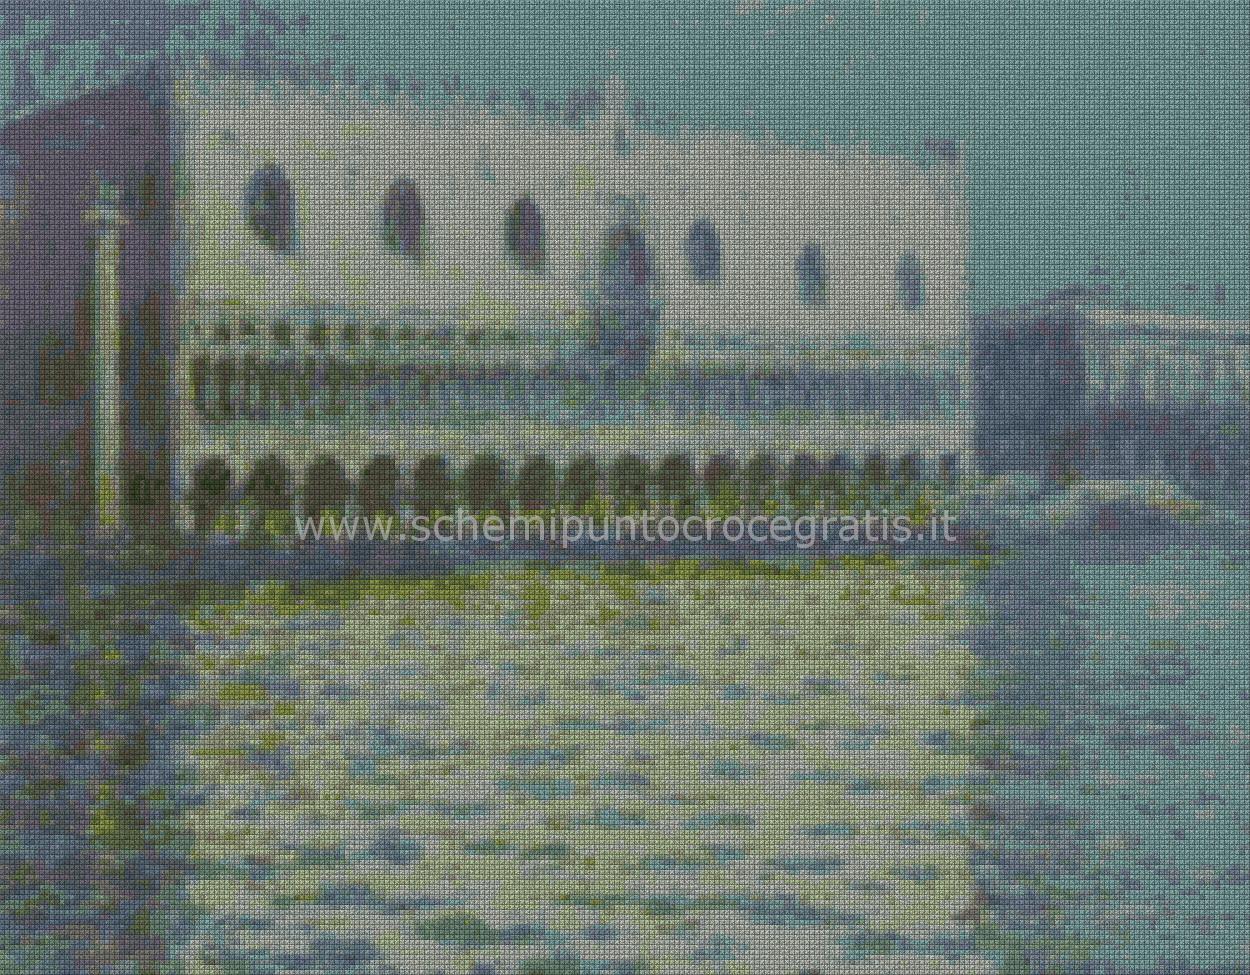 pittori_moderni/monet/Monet03.jpg